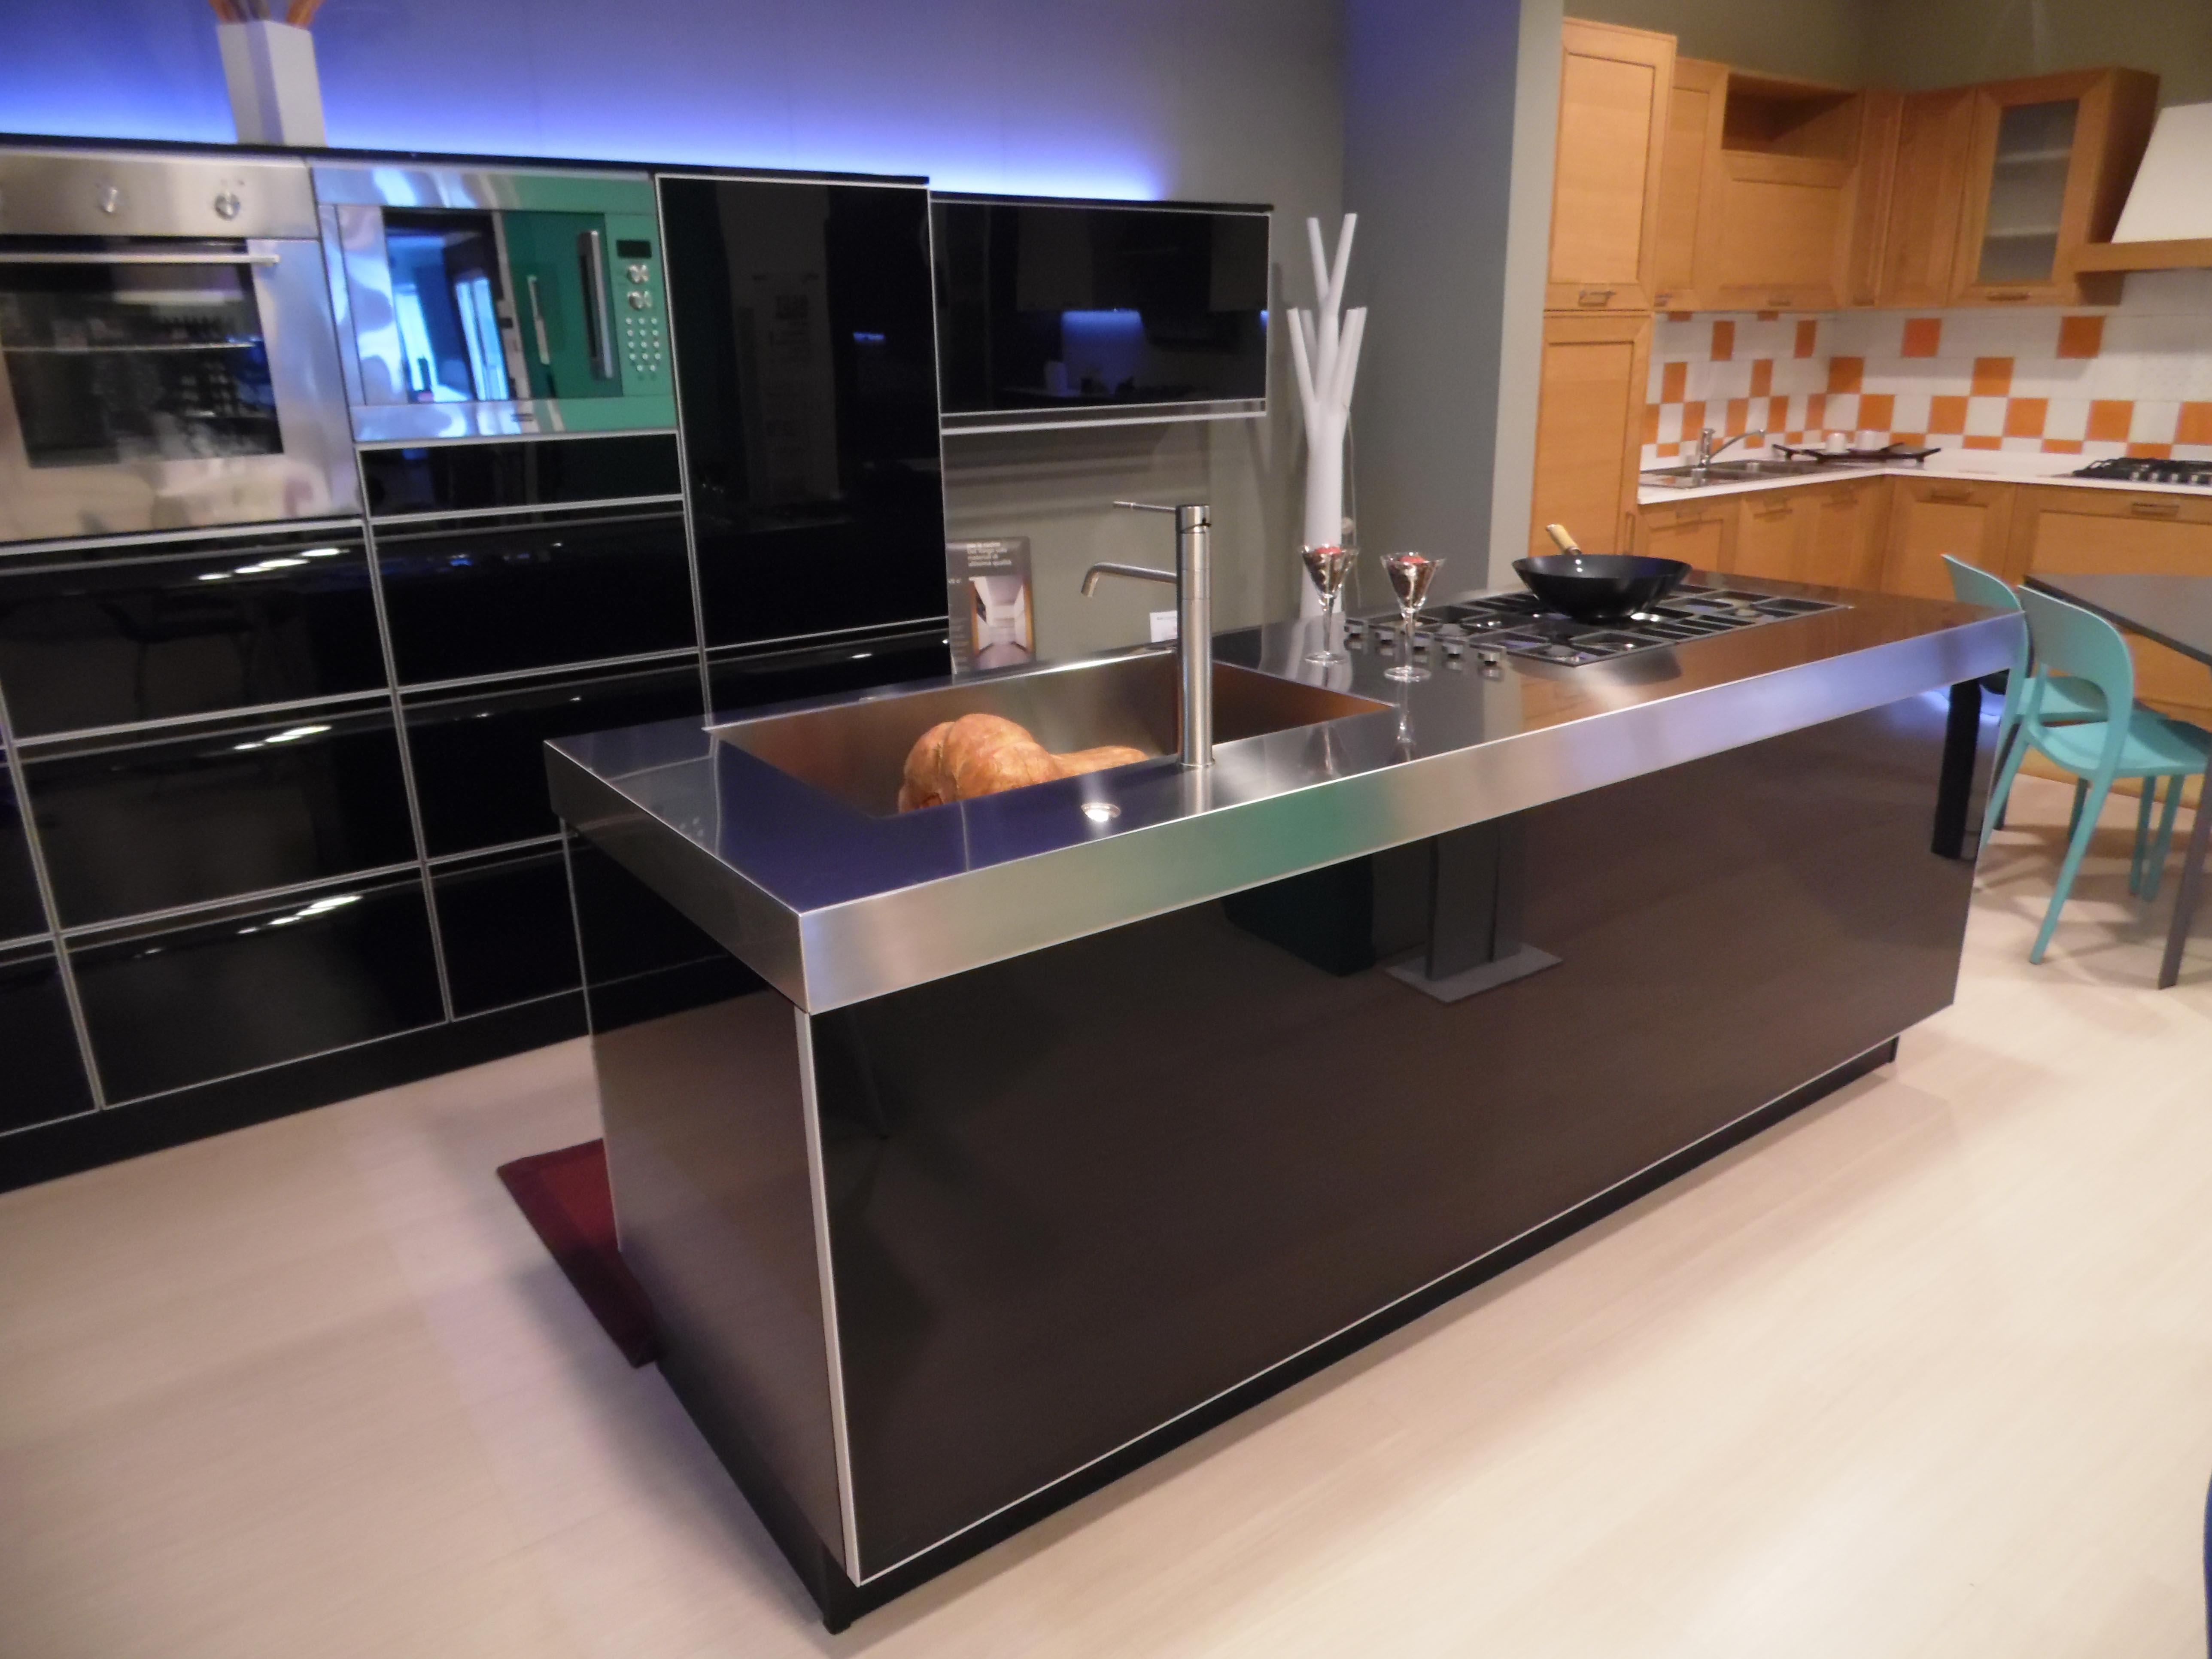 Beautiful Listino Prezzi Cucine Del Tongo Images - Ideas & Design ...